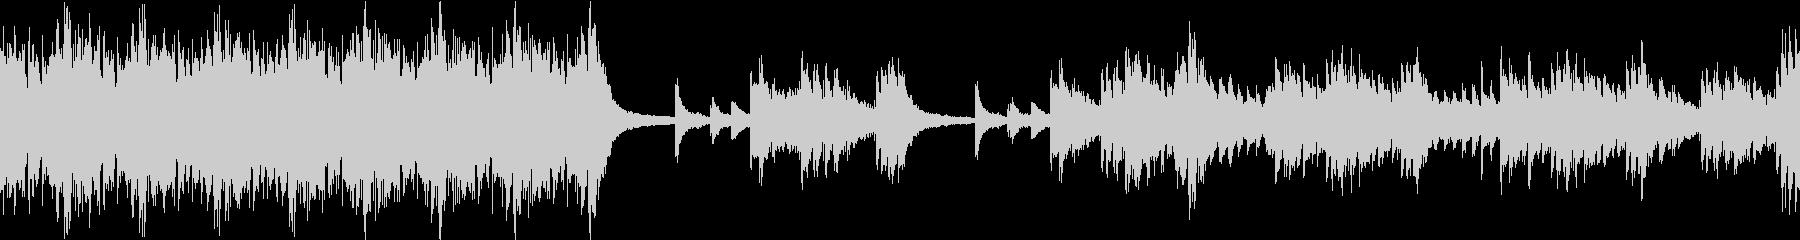 【ループ】かっこいいファンタジー系戦闘曲の未再生の波形